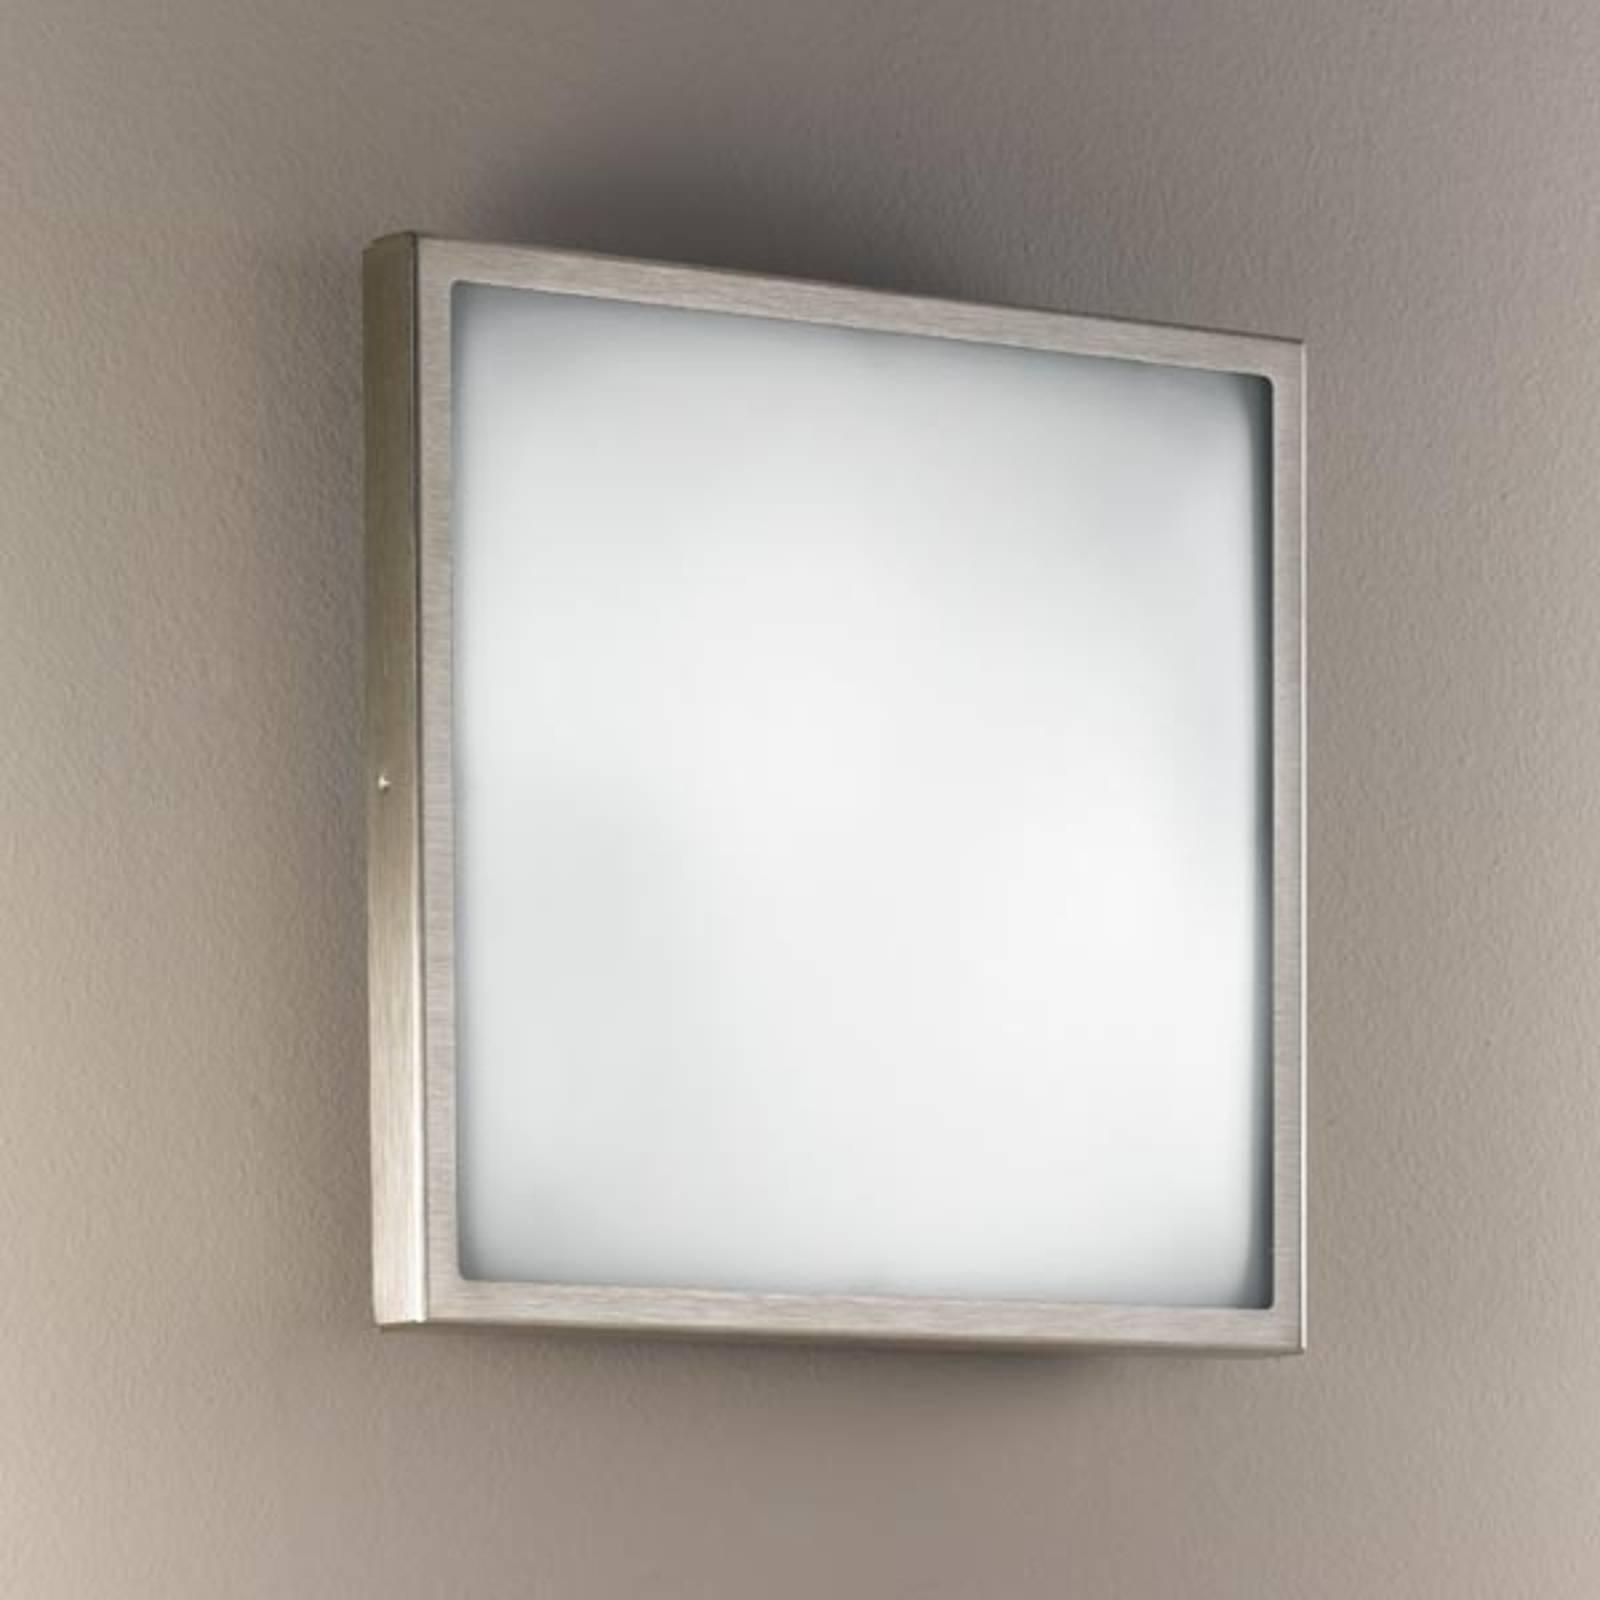 Glas-Wand- und Deckenleuchte OSAKA 30 nickel